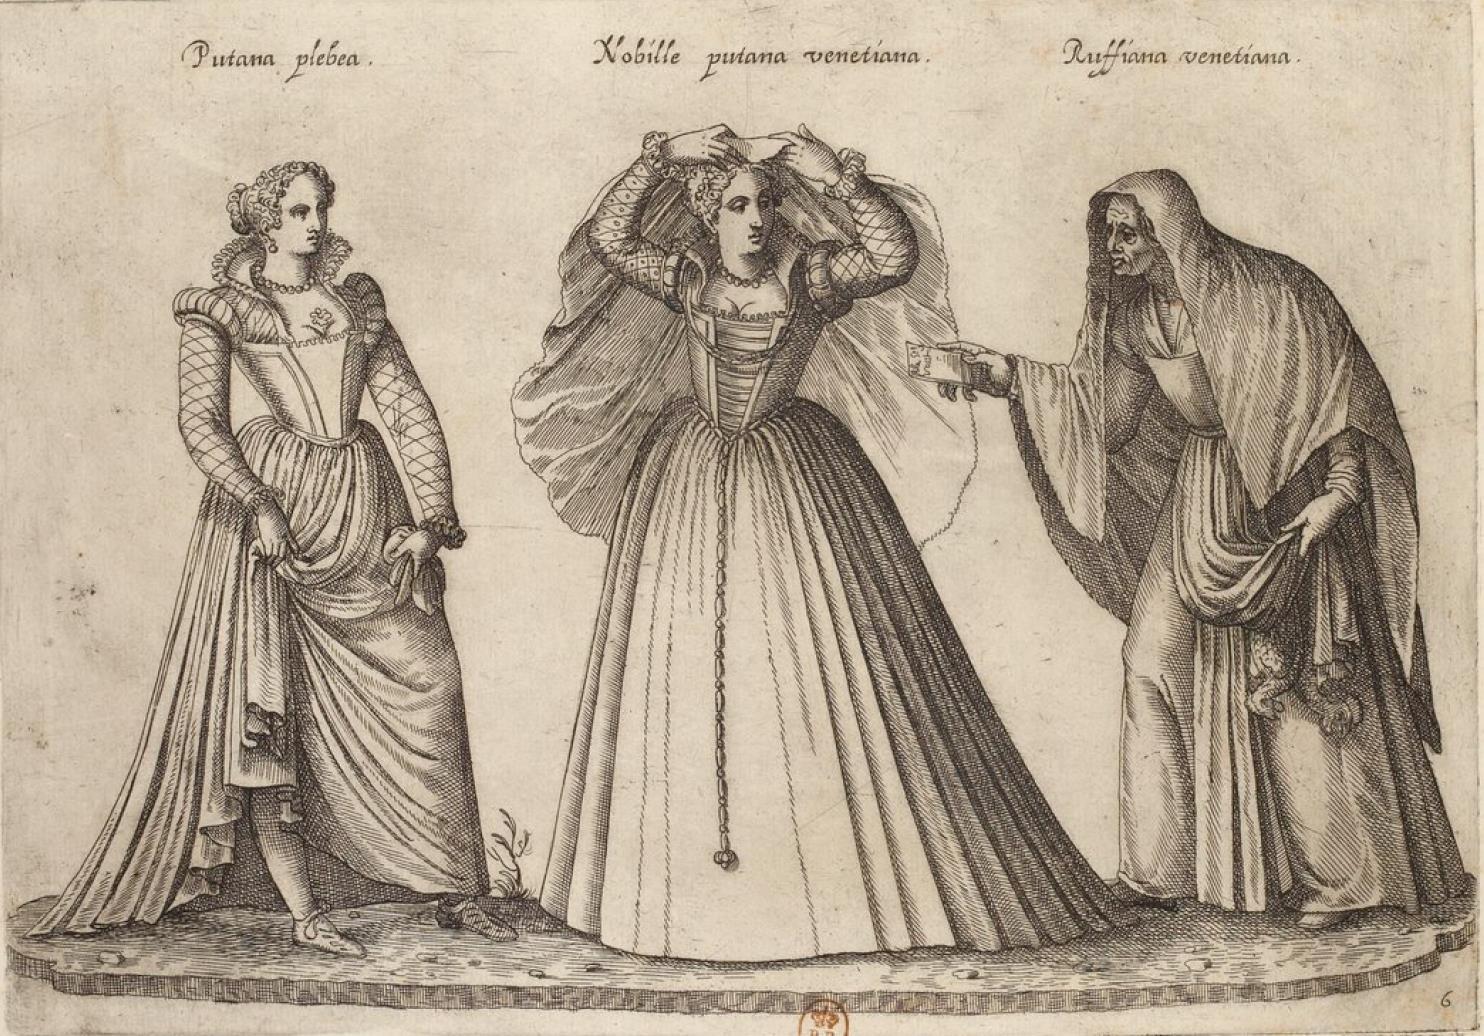 Венеция. Обычная проститука. Куртизанка. Сводня